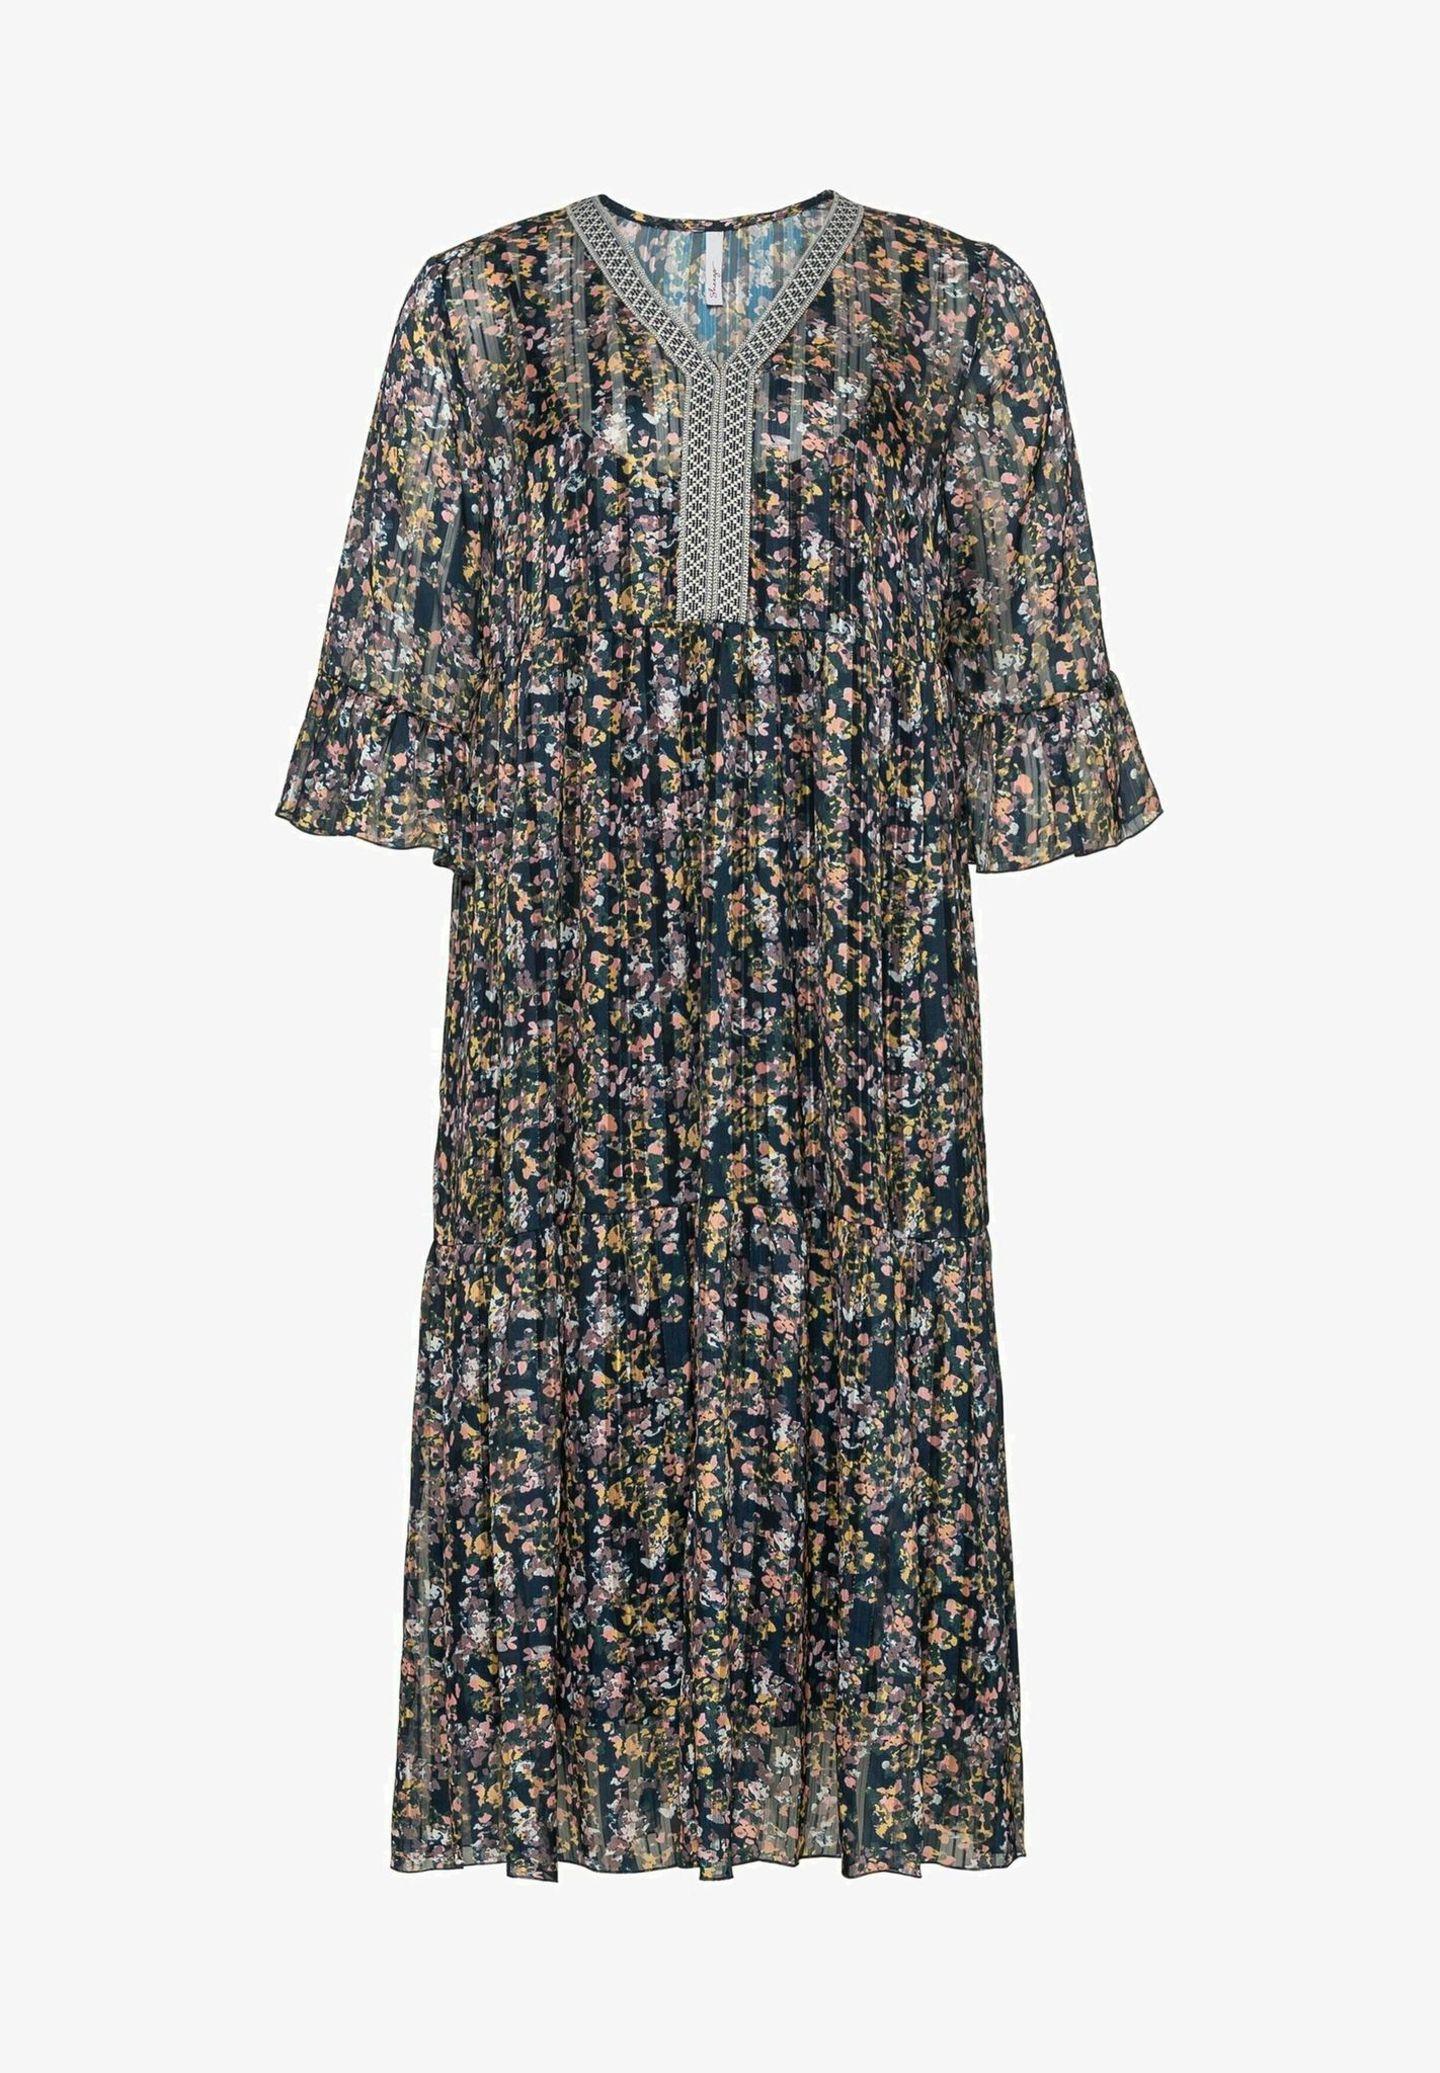 Hach, es geht doch nichts über verspielte Boho-Kleider! Ob zu sommerlichen Sandalen oder derben Boots, das Maxikleid bringt uns das ganze Jahr über Freude. Von Sheego, um die 90 Euro.